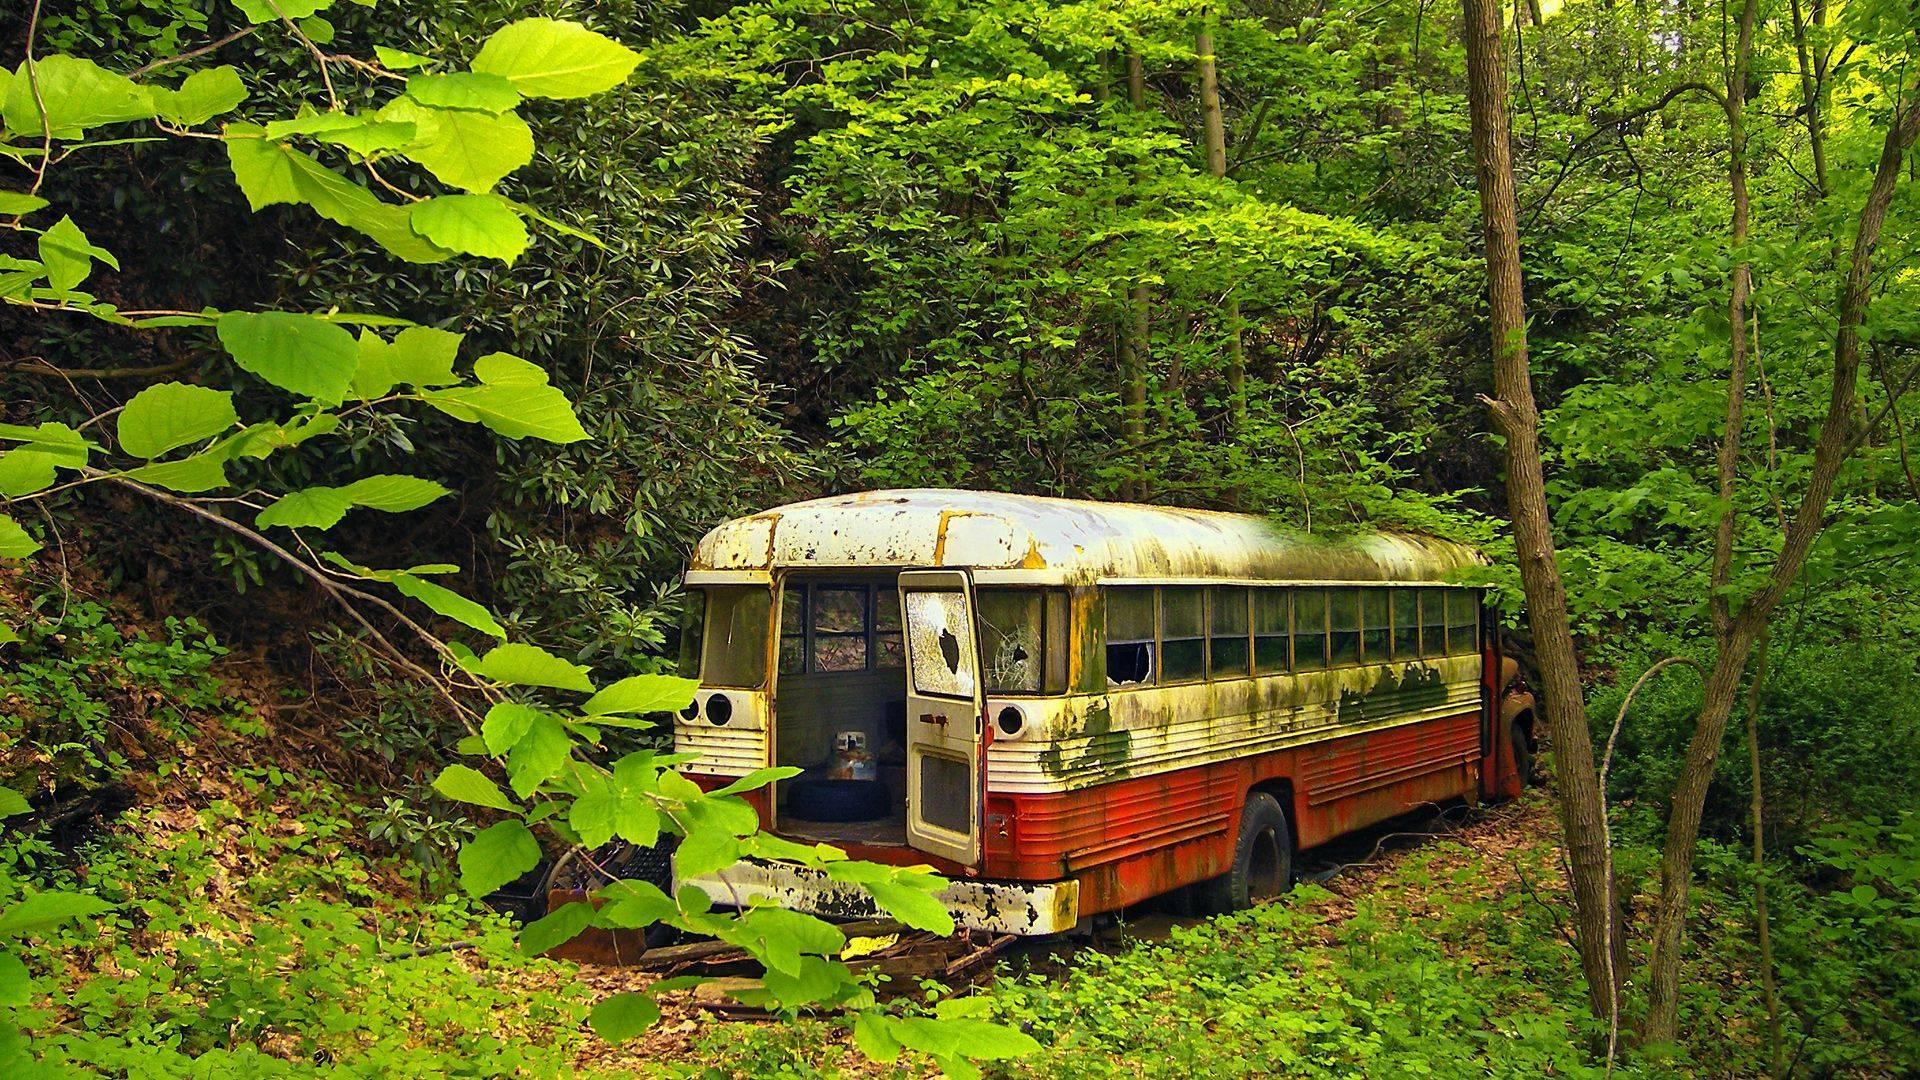 Fondos De Vehiculos: Autobus Fondos De Pantalla, Fondos De Escritorio